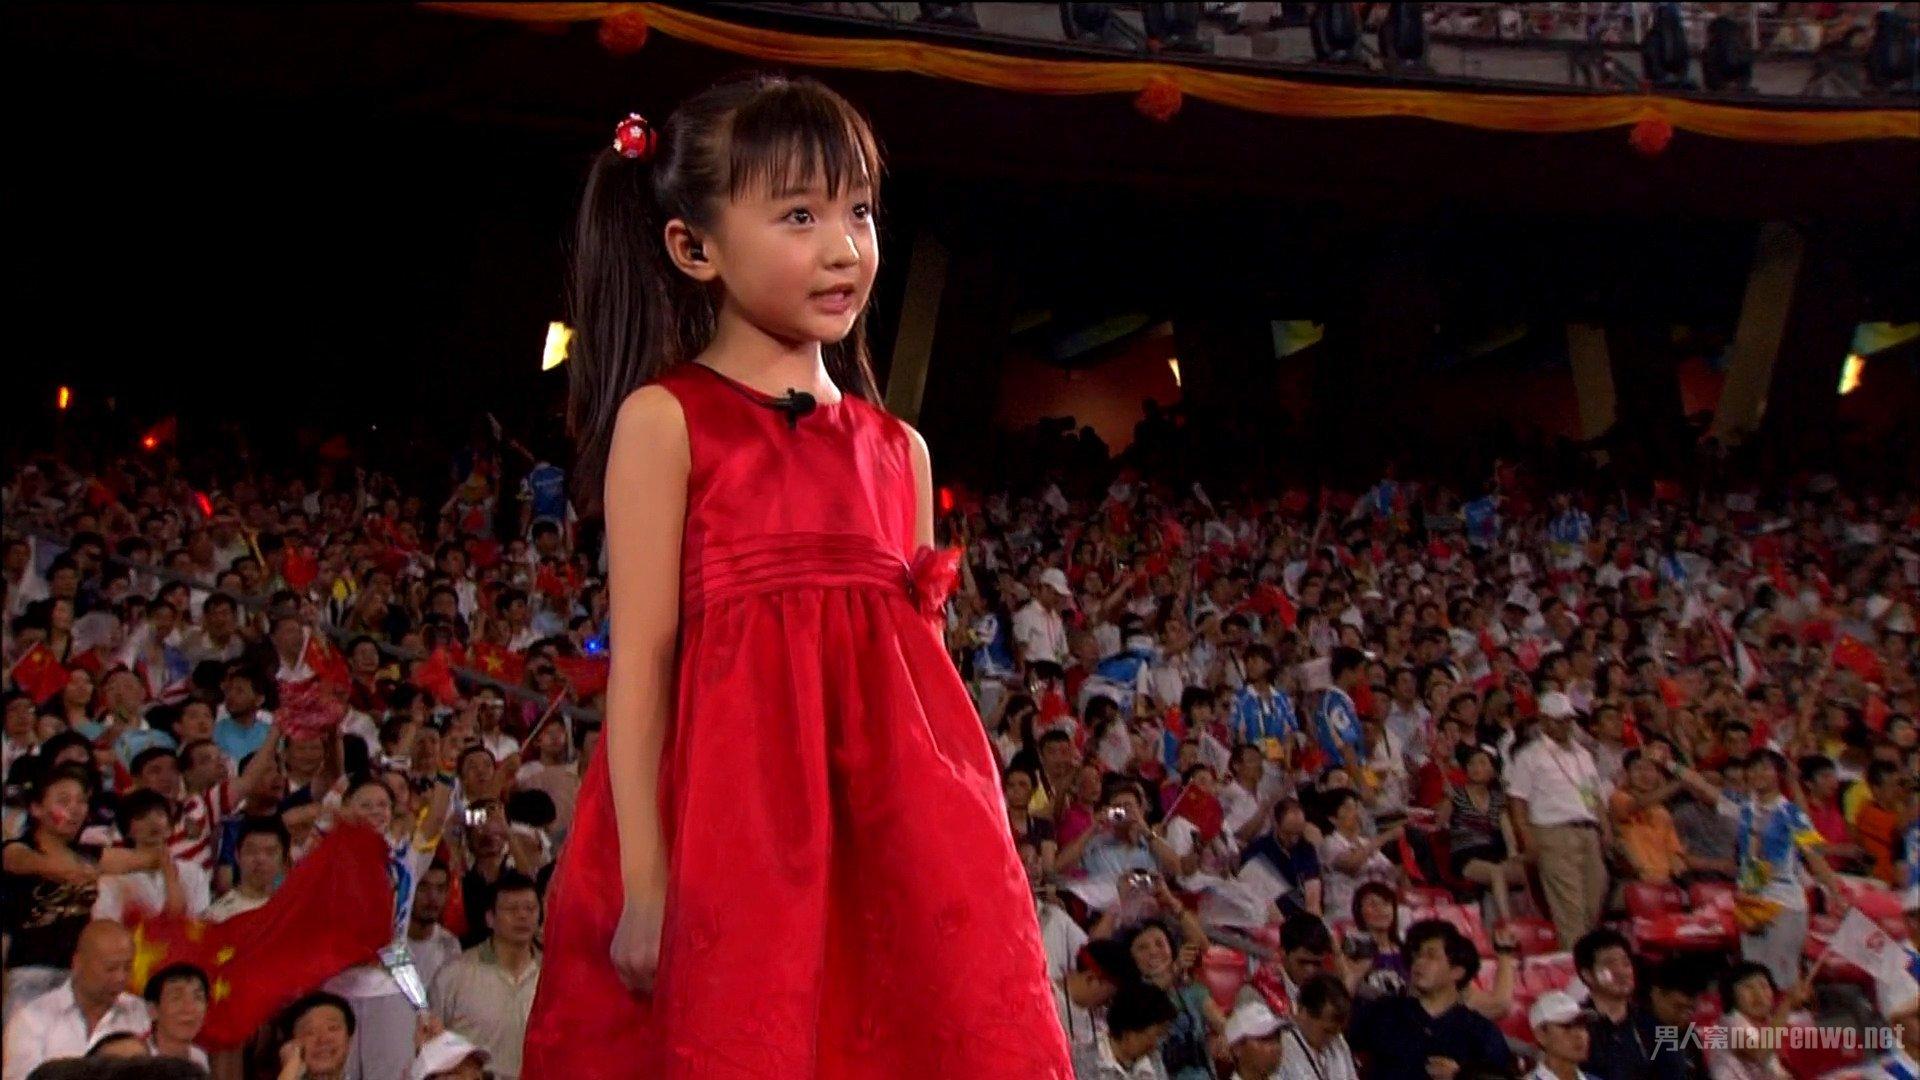 """Năm nay vừa tròn kỷ niệm 10 năm Trung Quốc đăng cai Olympic Bắc Kinh. Scandal hát nhép của sao nhí Lâm Diệu Khả năm đó một lần nữa bị """"đào xới"""". Đảm nhận vai trò tổng đạo diễn lễ khai mạc, Trương Nghệ Mưu lần đầu lên tiếng nhận mọi trách nhiệm: """"10 năm qua tôi luôn áy náy vì bắt mọi người phải chịu điều tiếng. Vốn dĩ chúng tôi đã chọnDươngBối Nghi biểu diễn, nhưng ekip truyền hình trực tiếp quốc tế lại thích ngoại hình của Lâm Diệu Khả hơn. Chúng tôi đành lựa chọn phương án đểDươngBối Nghi hát nhép cho Lâm Diệu Khả từ cánh gà. Giá kể tôi kiên quyết hơn, chuyện đáng tiếc này đã không xảy ra""""."""